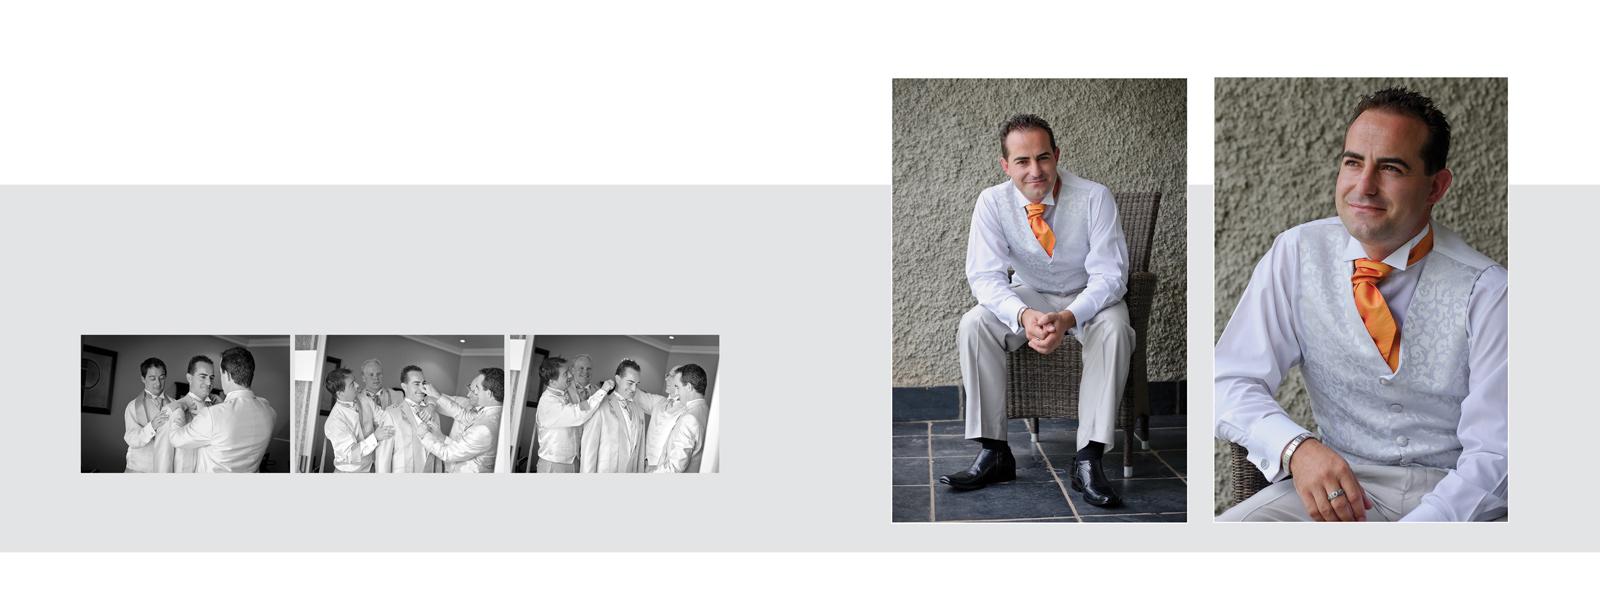 Nathalie Boucry Photography | Charlene and Craig Wedding Album 010